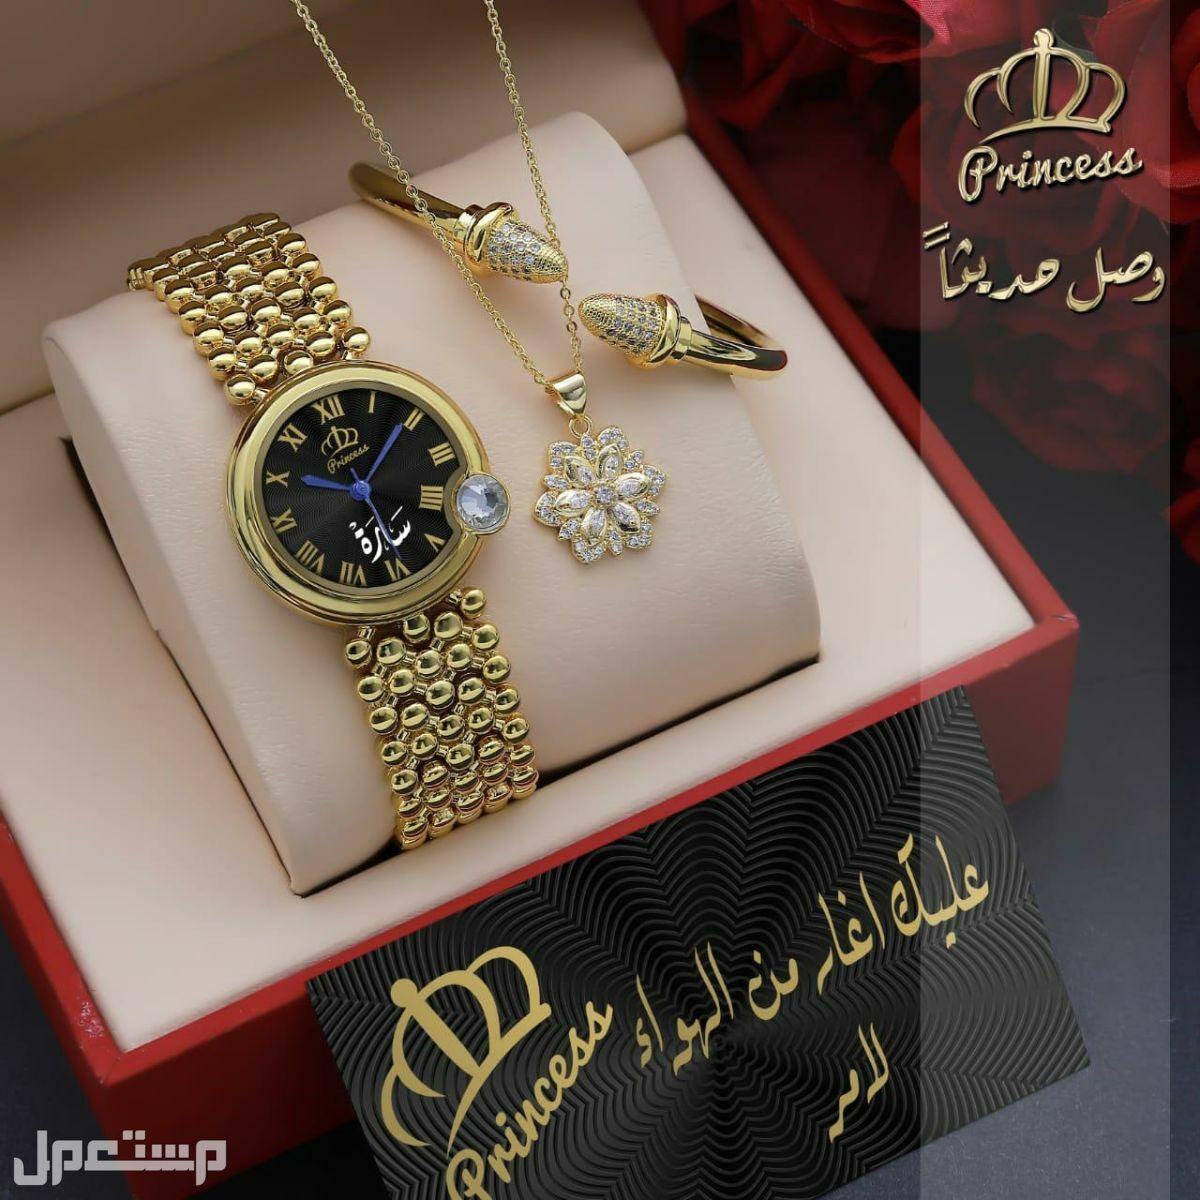 اهدي من تحب # اطقم ساعات ذهبية بالاسم حسب الطلب